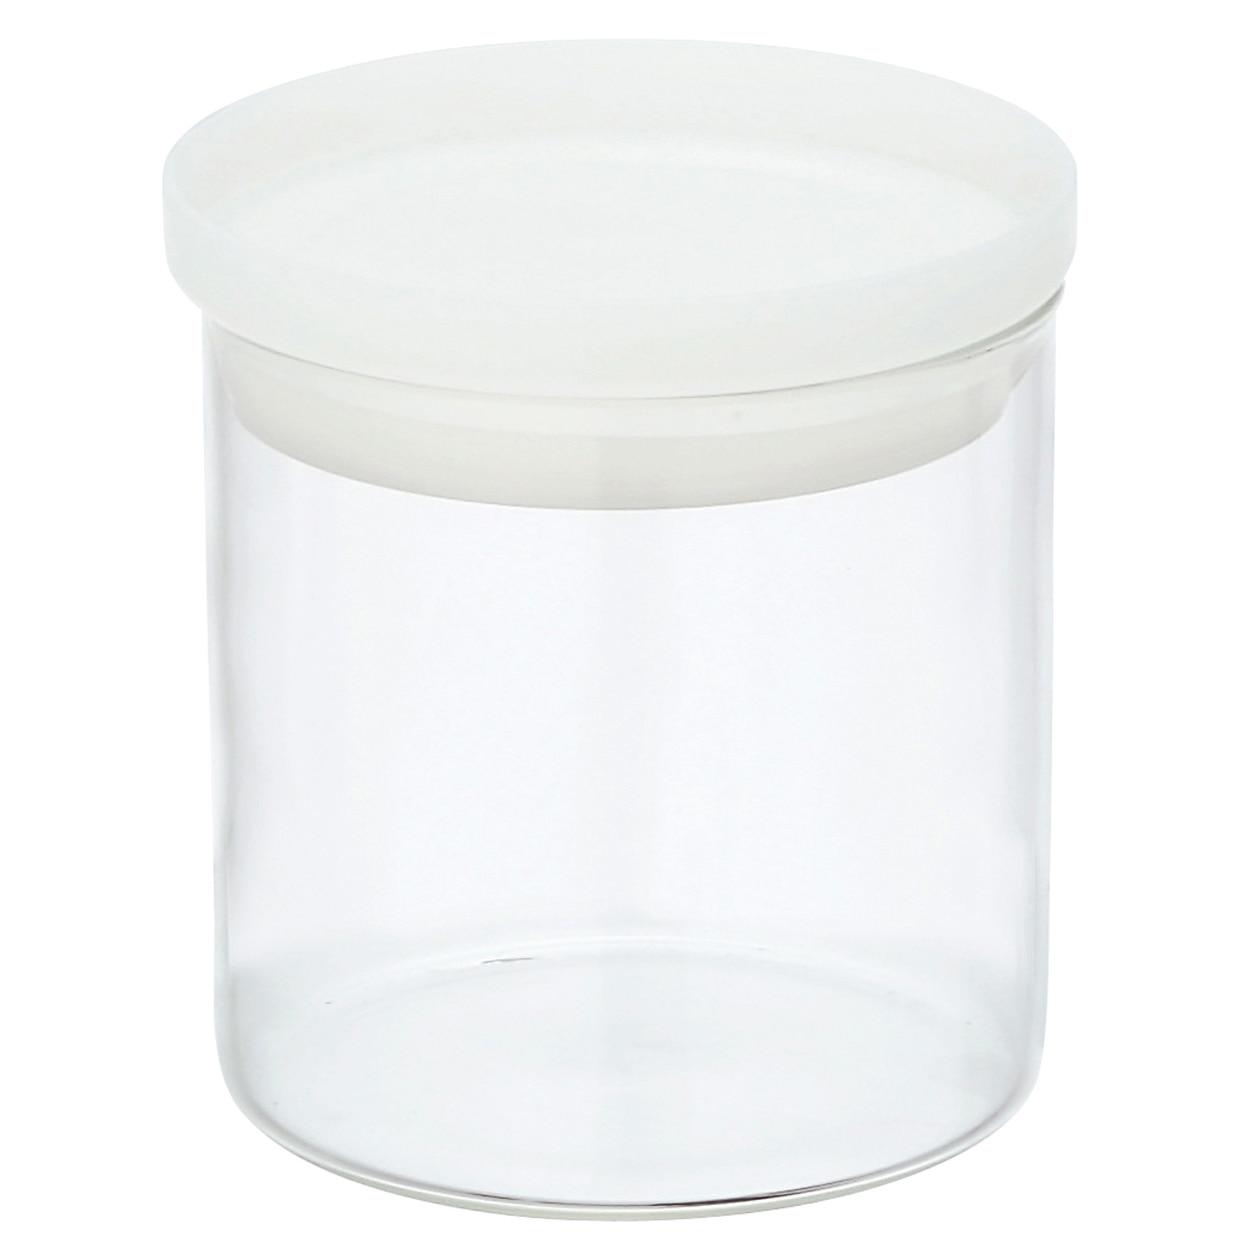 耐熱ガラス丸型保存容器 3